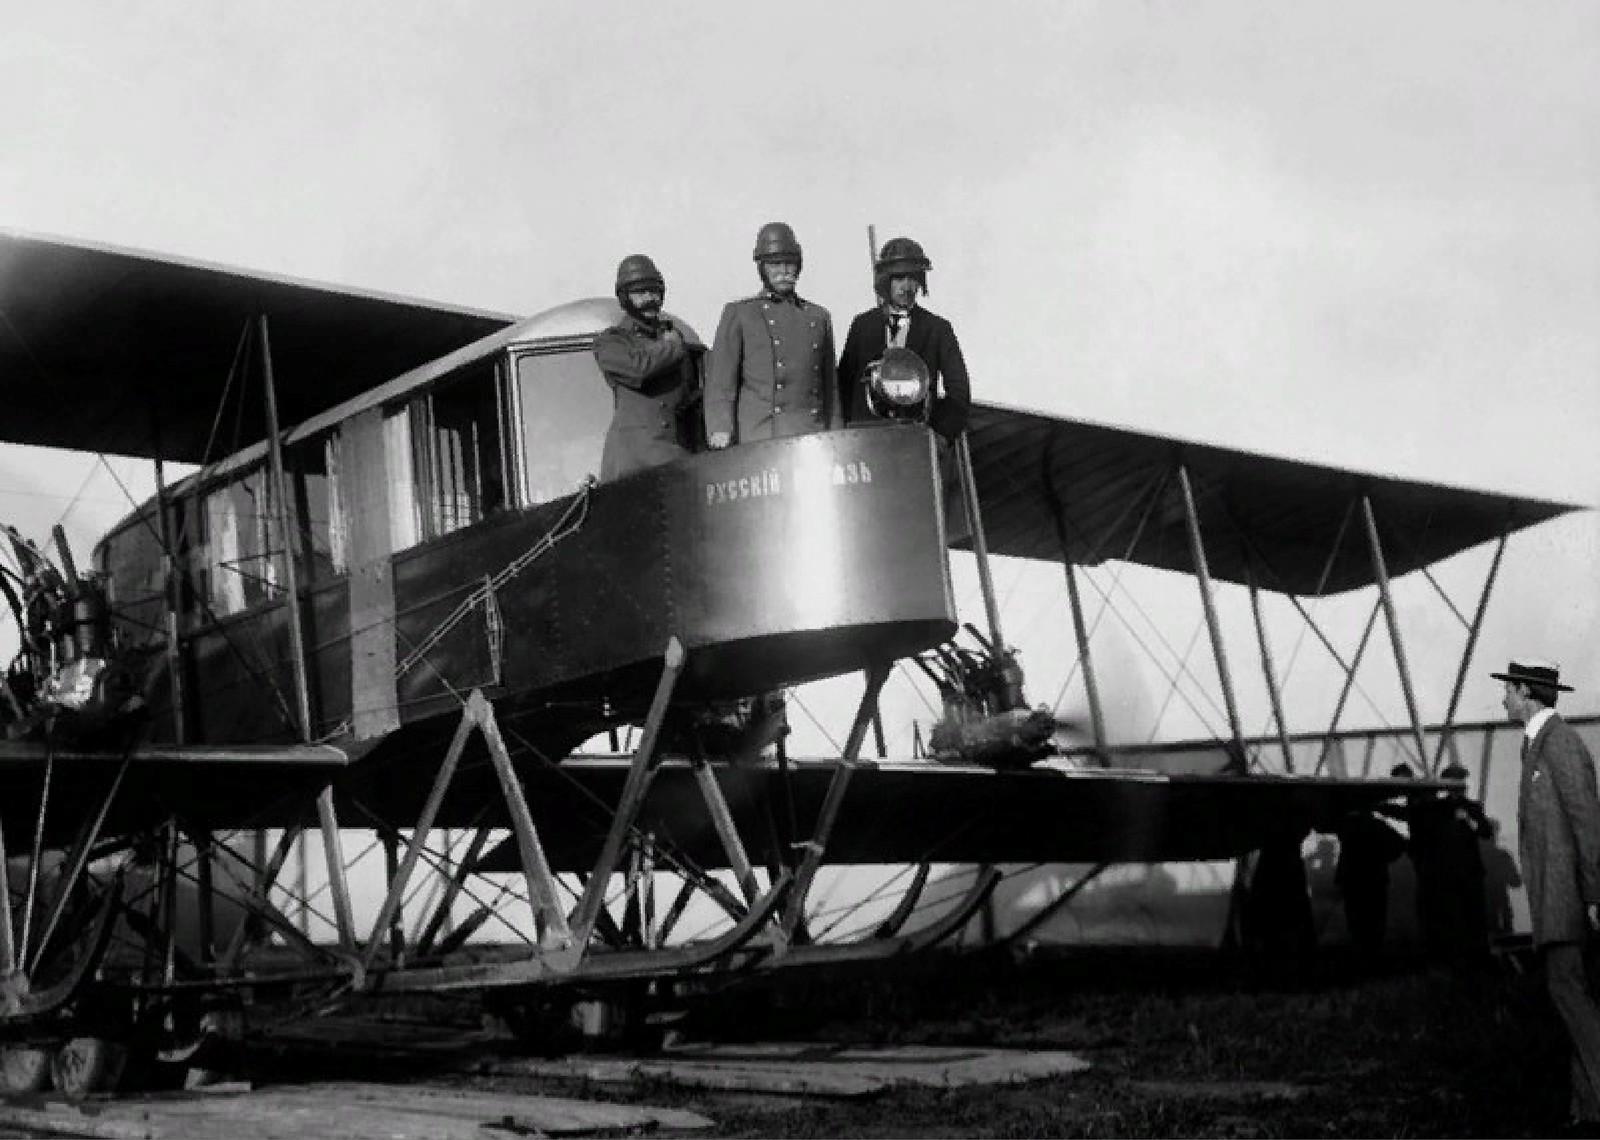 1913. Игорь Сикорский и генерал Каульбарс на самолете Русский витязь